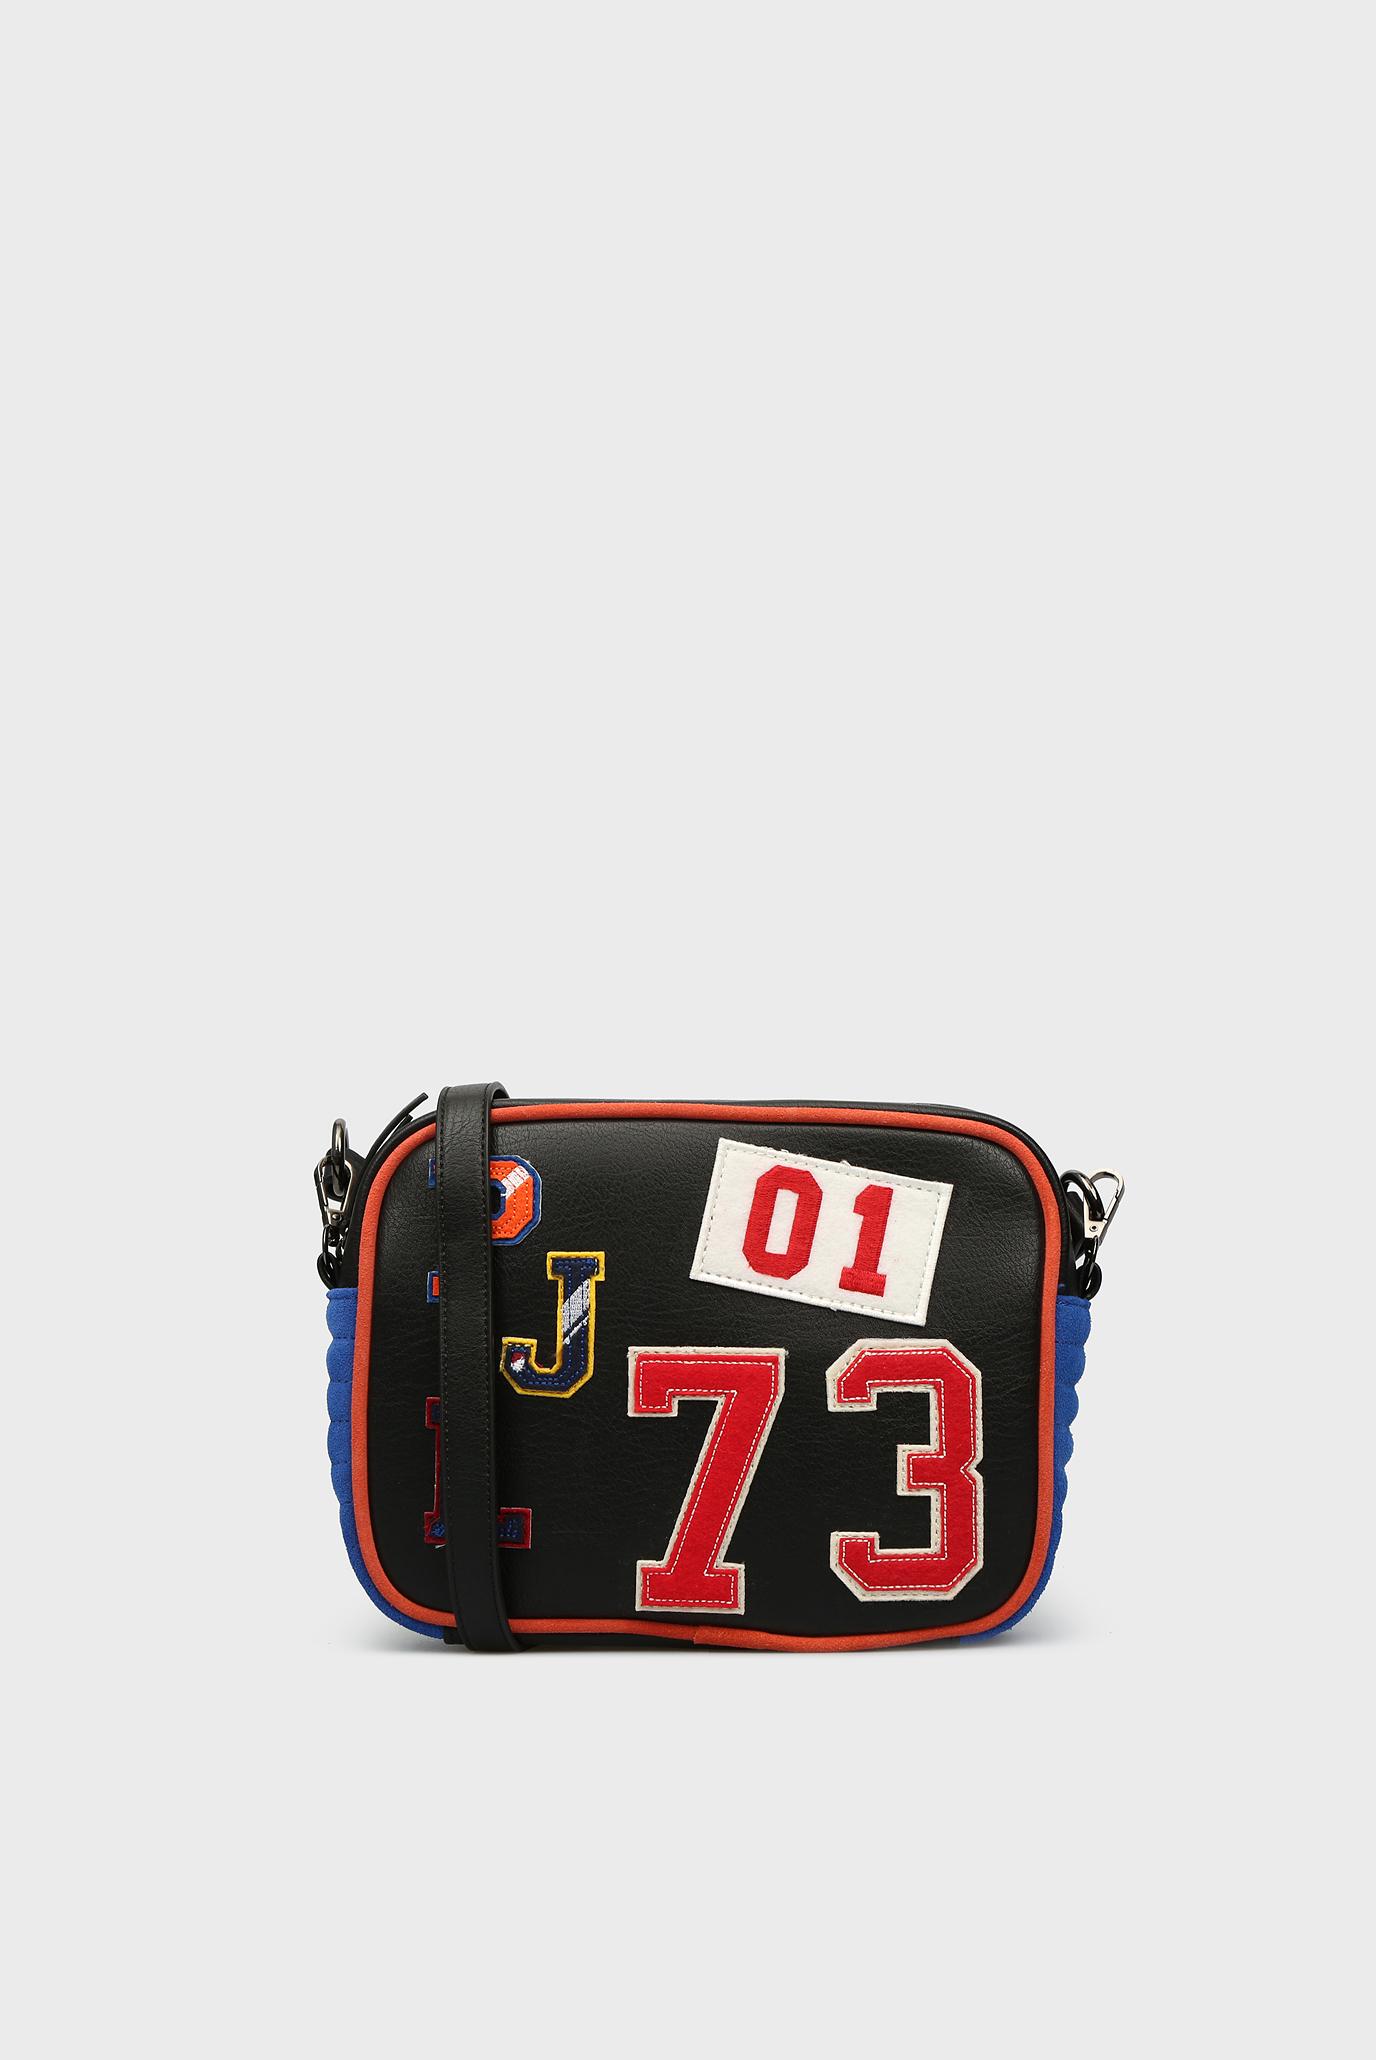 341bec7cb24b Купить Женская черная сумка через плечо Pepe Jeans Pepe Jeans PL030933 –  Киев, Украина. Цены в интернет ...